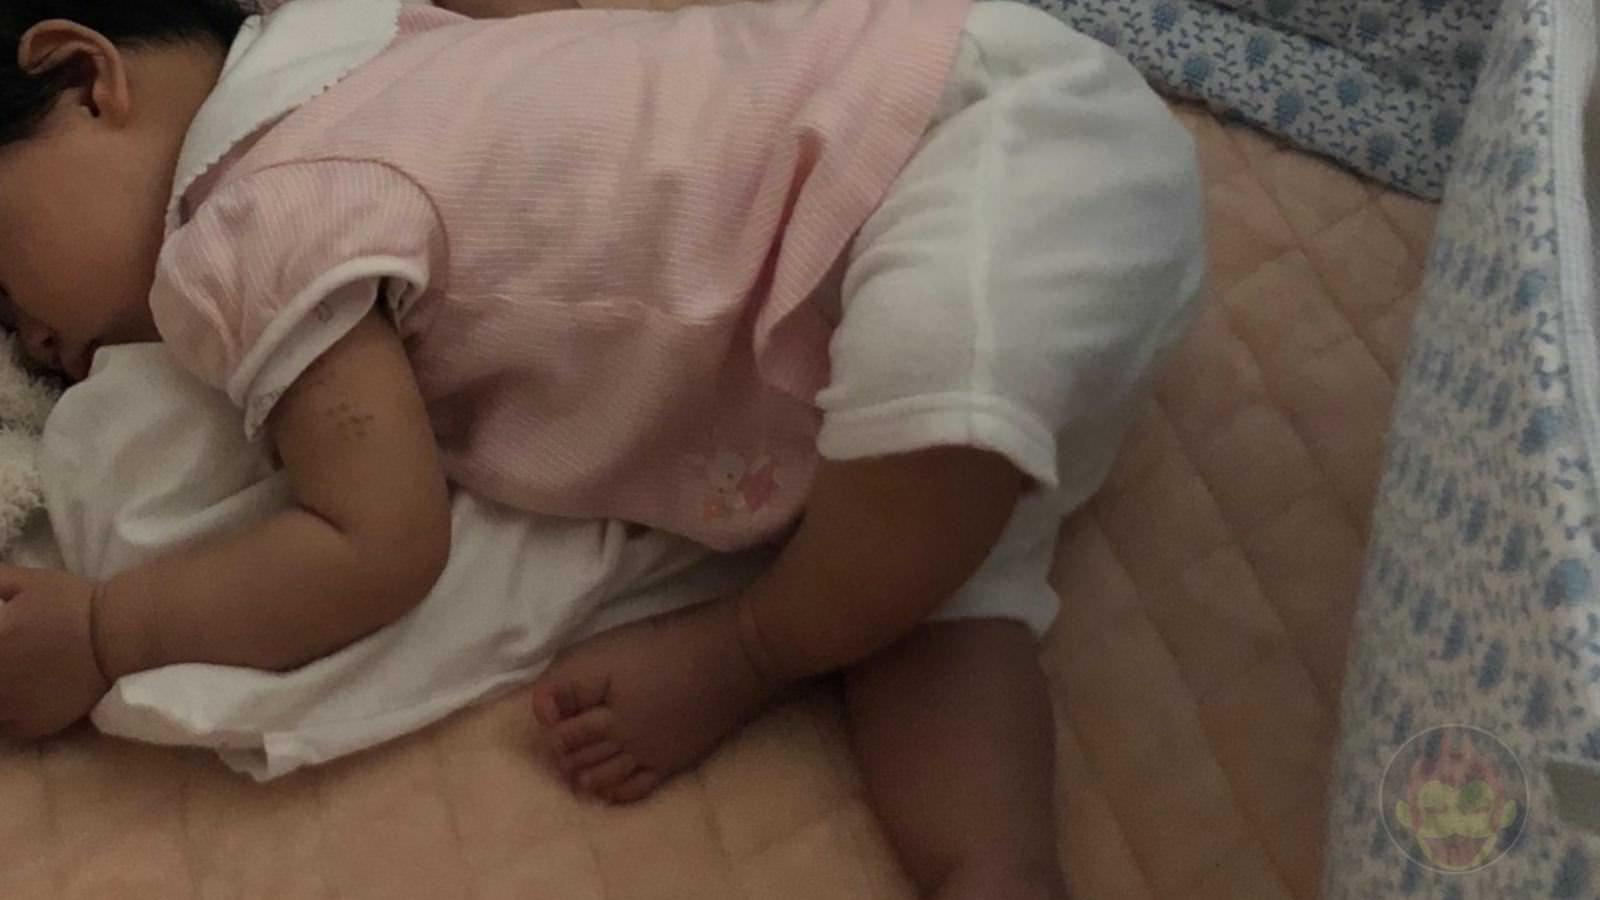 Angel is asleep very strangely 2